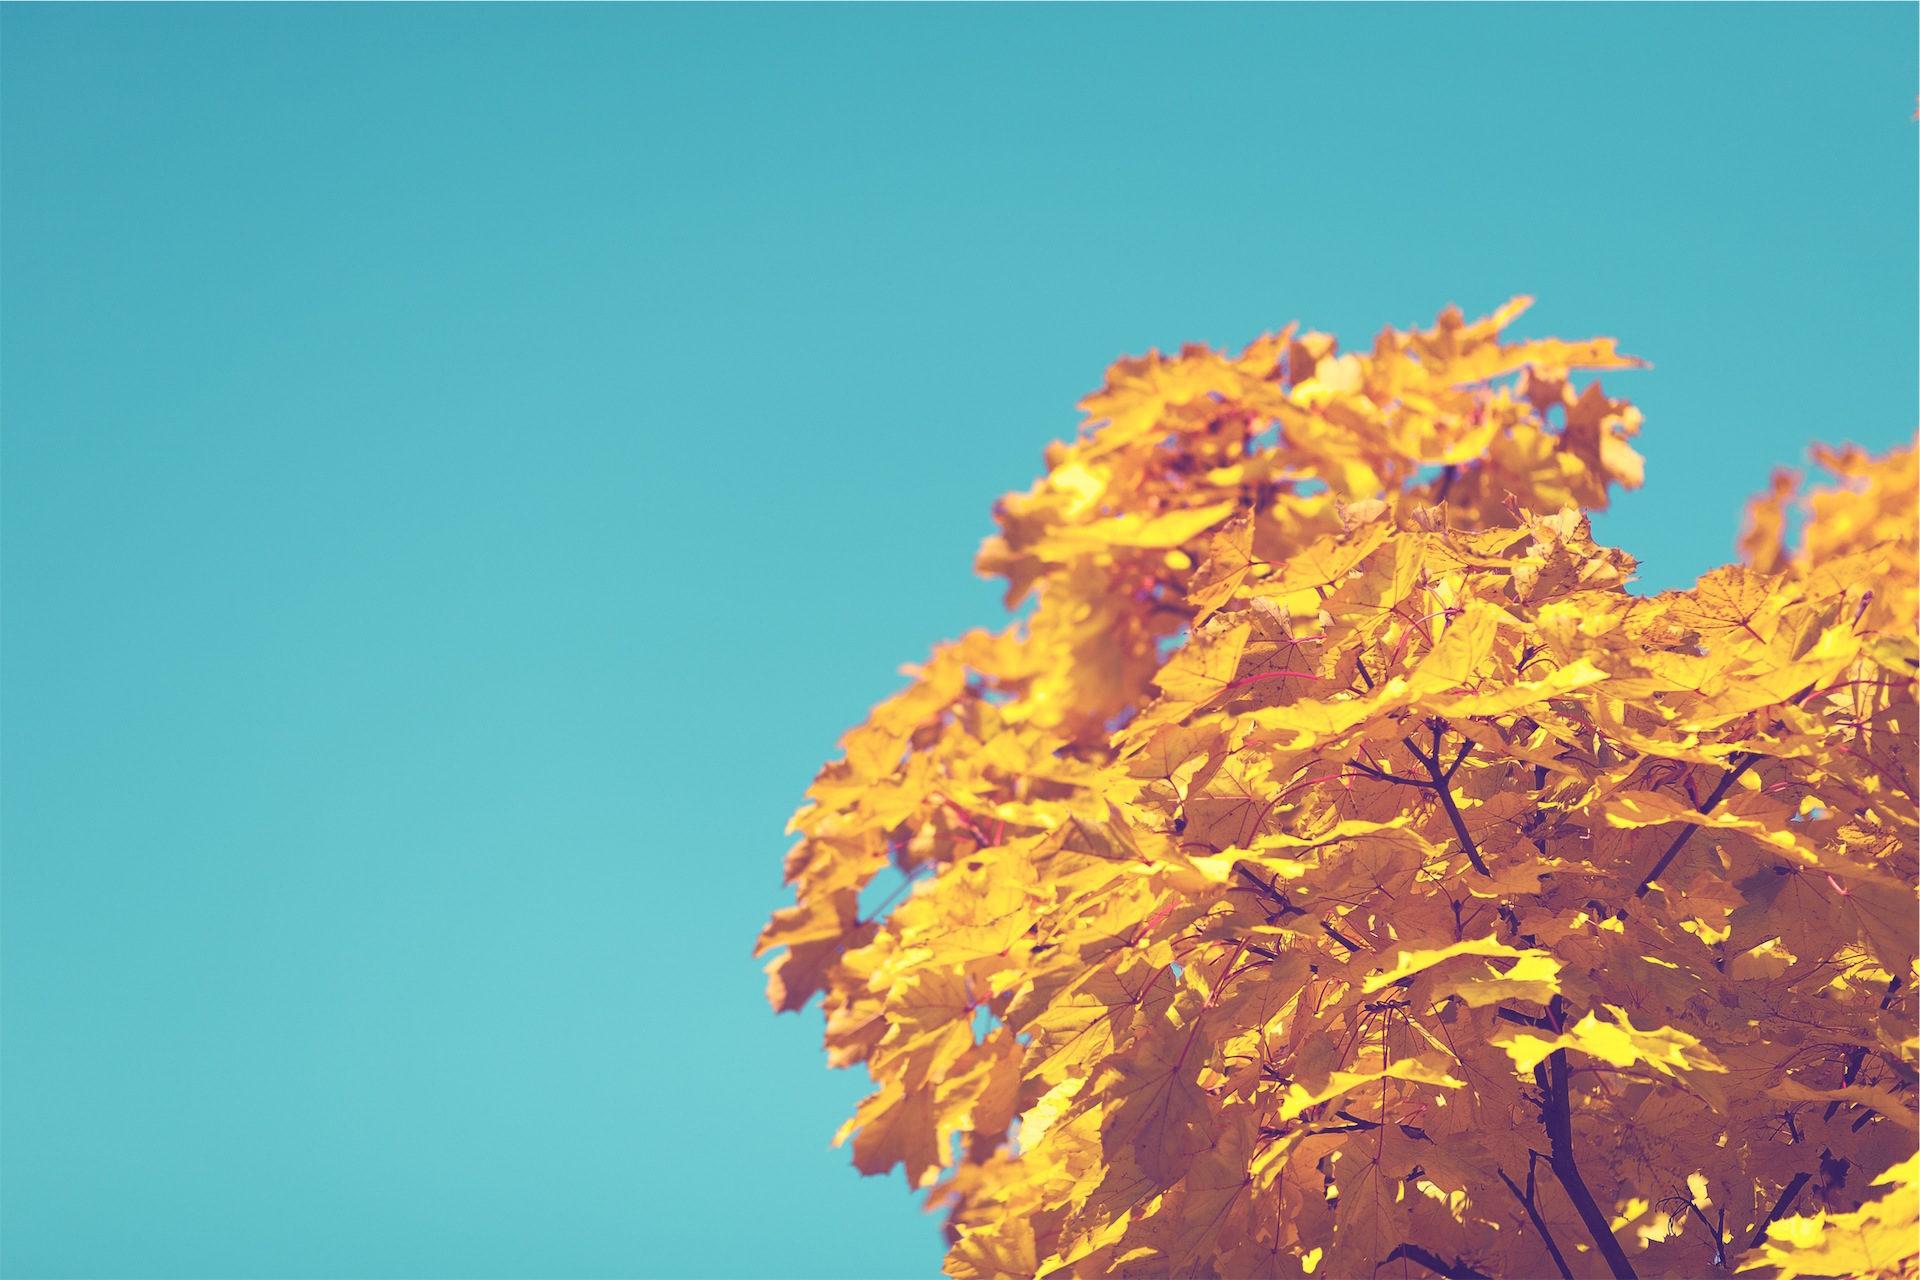 Baum, Filiale, Blätter, trocken, Herbst - Wallpaper HD - Prof.-falken.com